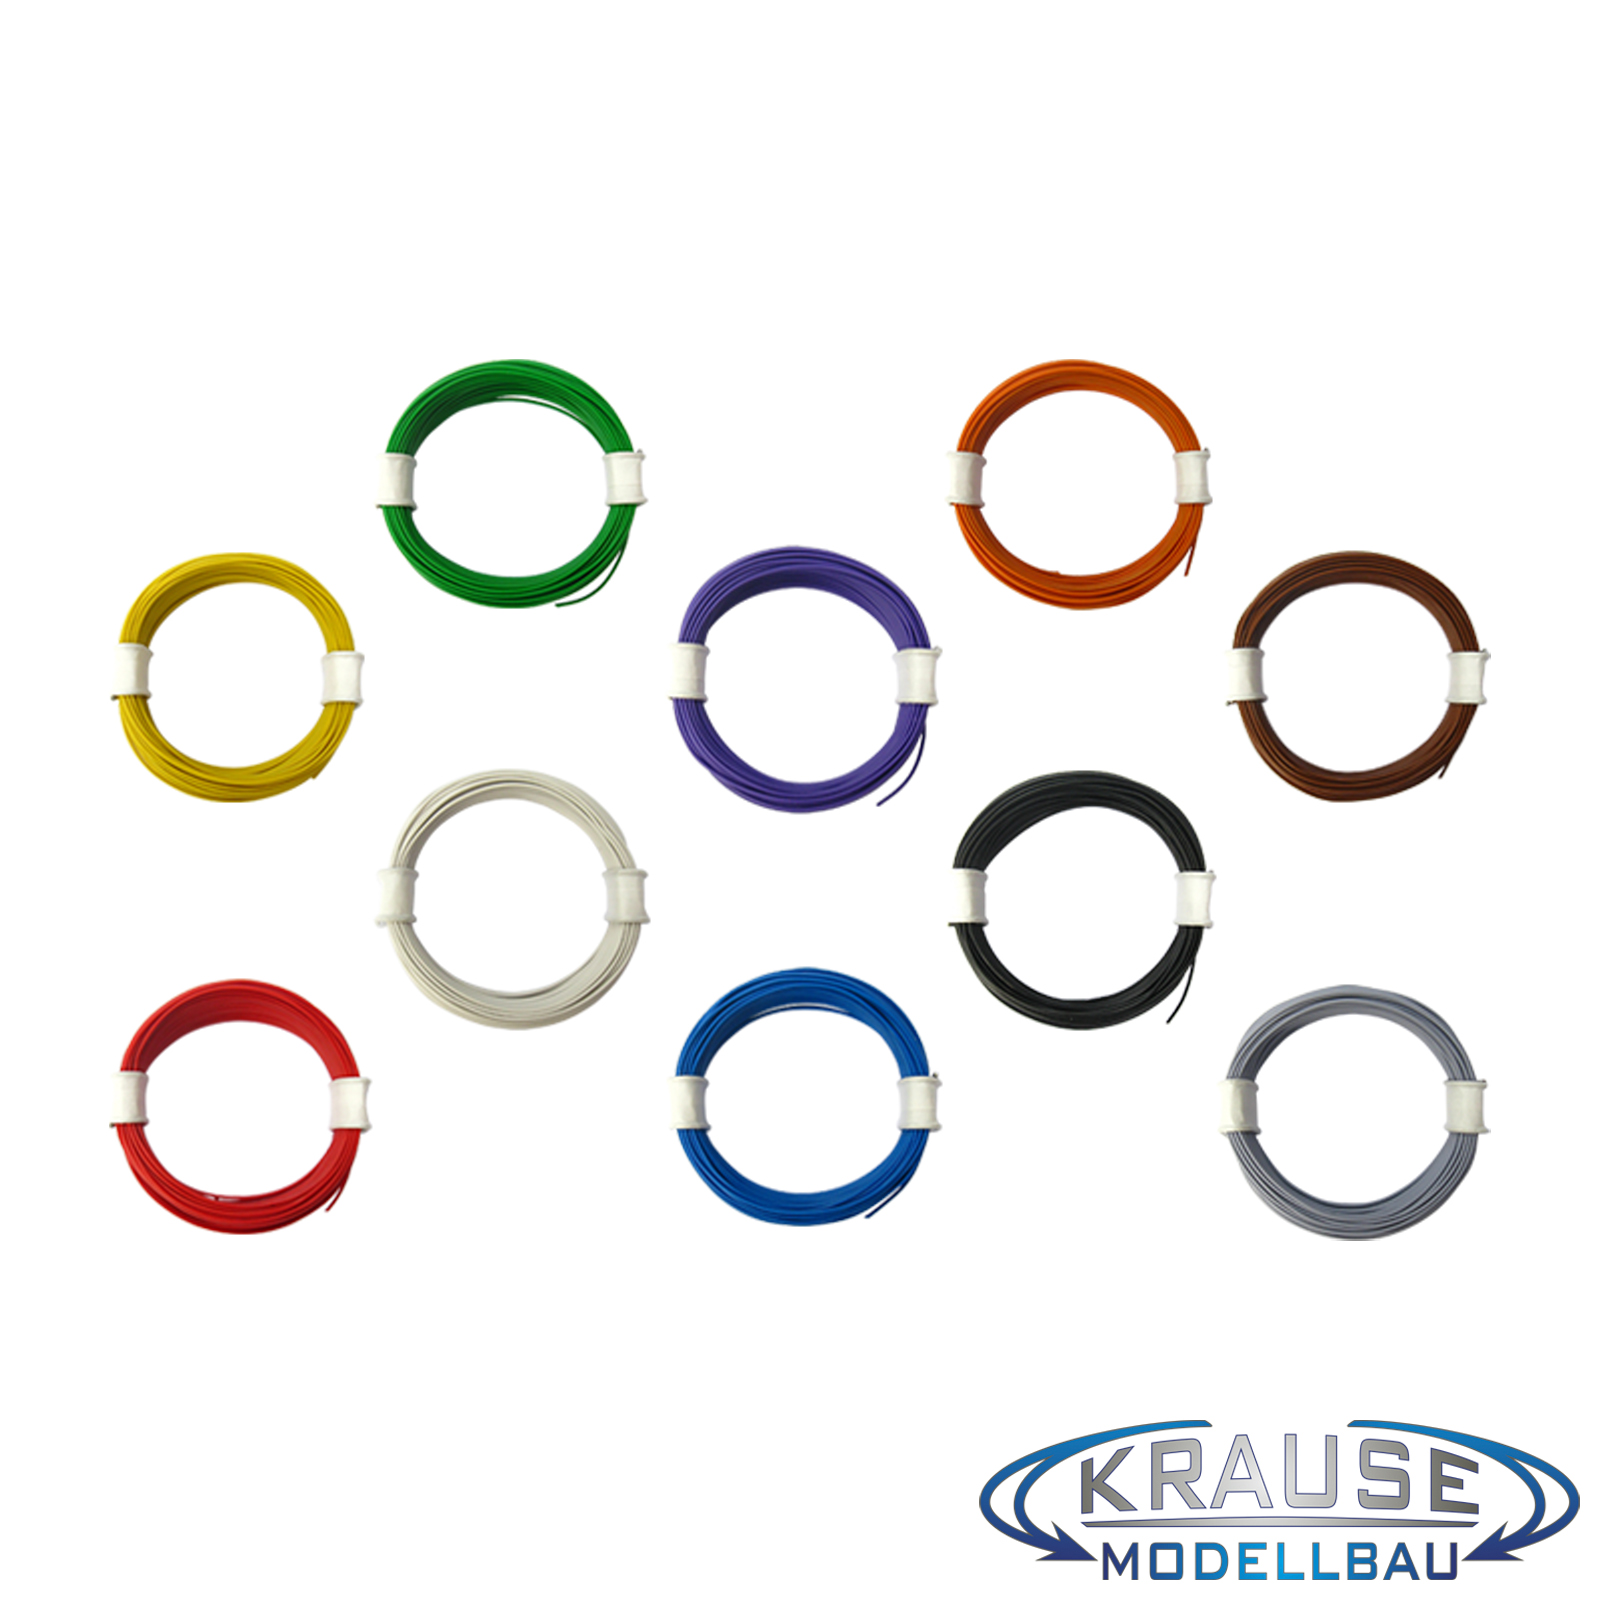 Schaltlitze Miniaturkabel 10 x 10 m Ring LIFY 0,05 mm² hochflexibel Sparset